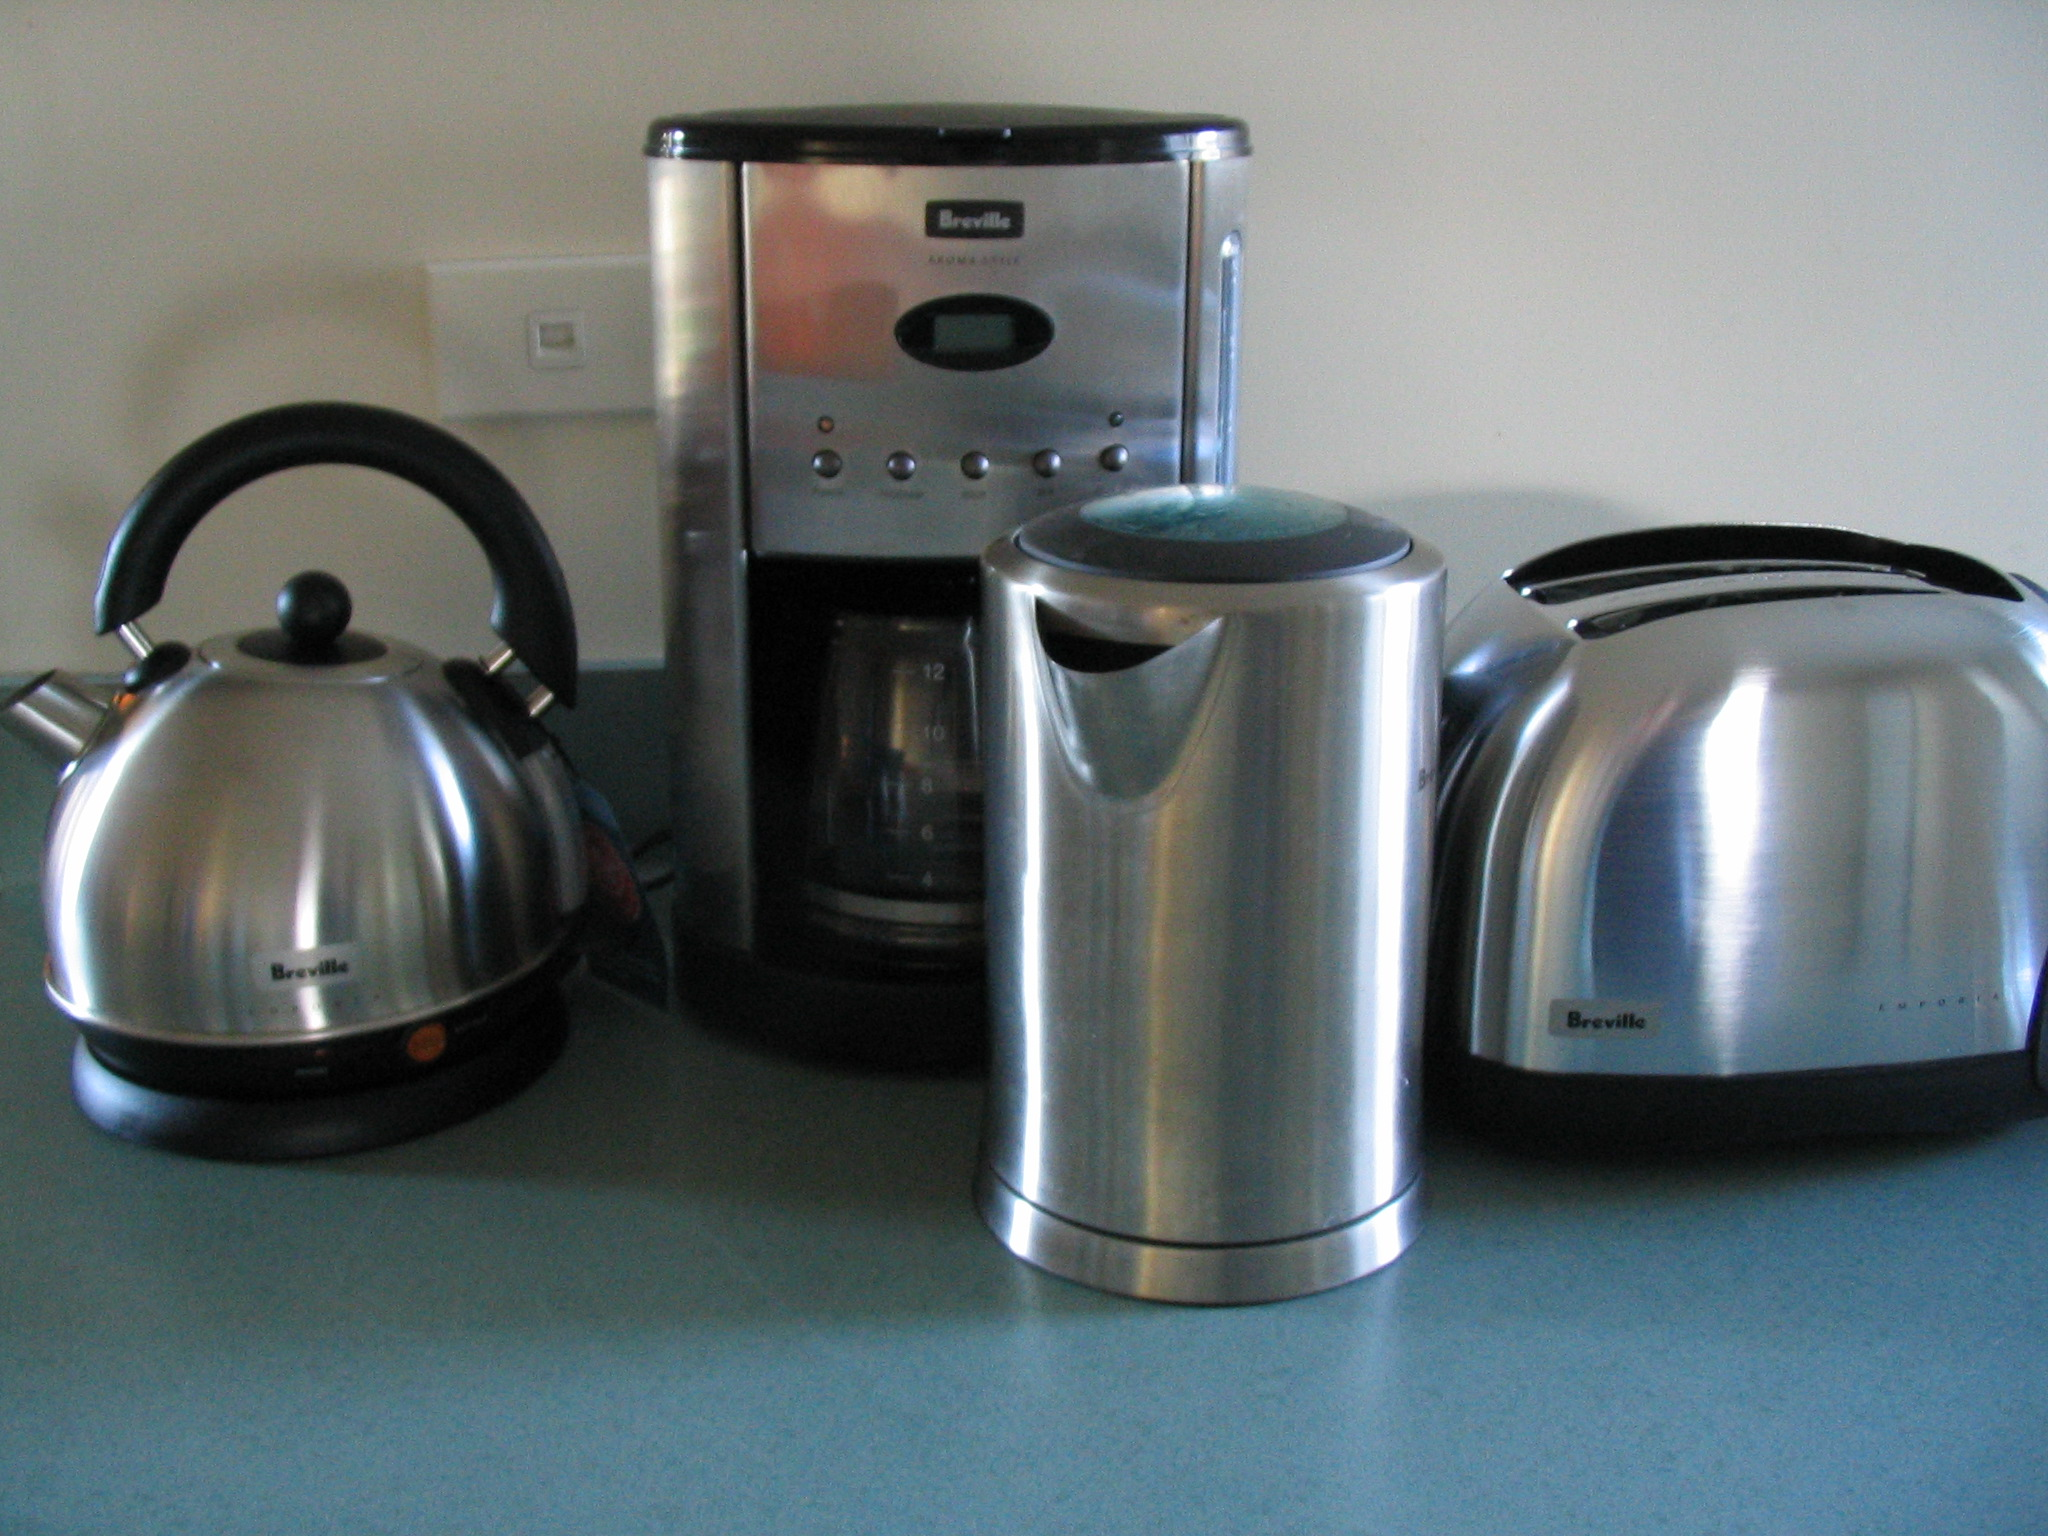 Piccoli Elettrodomestici: 3 idee regalo utili per la casa